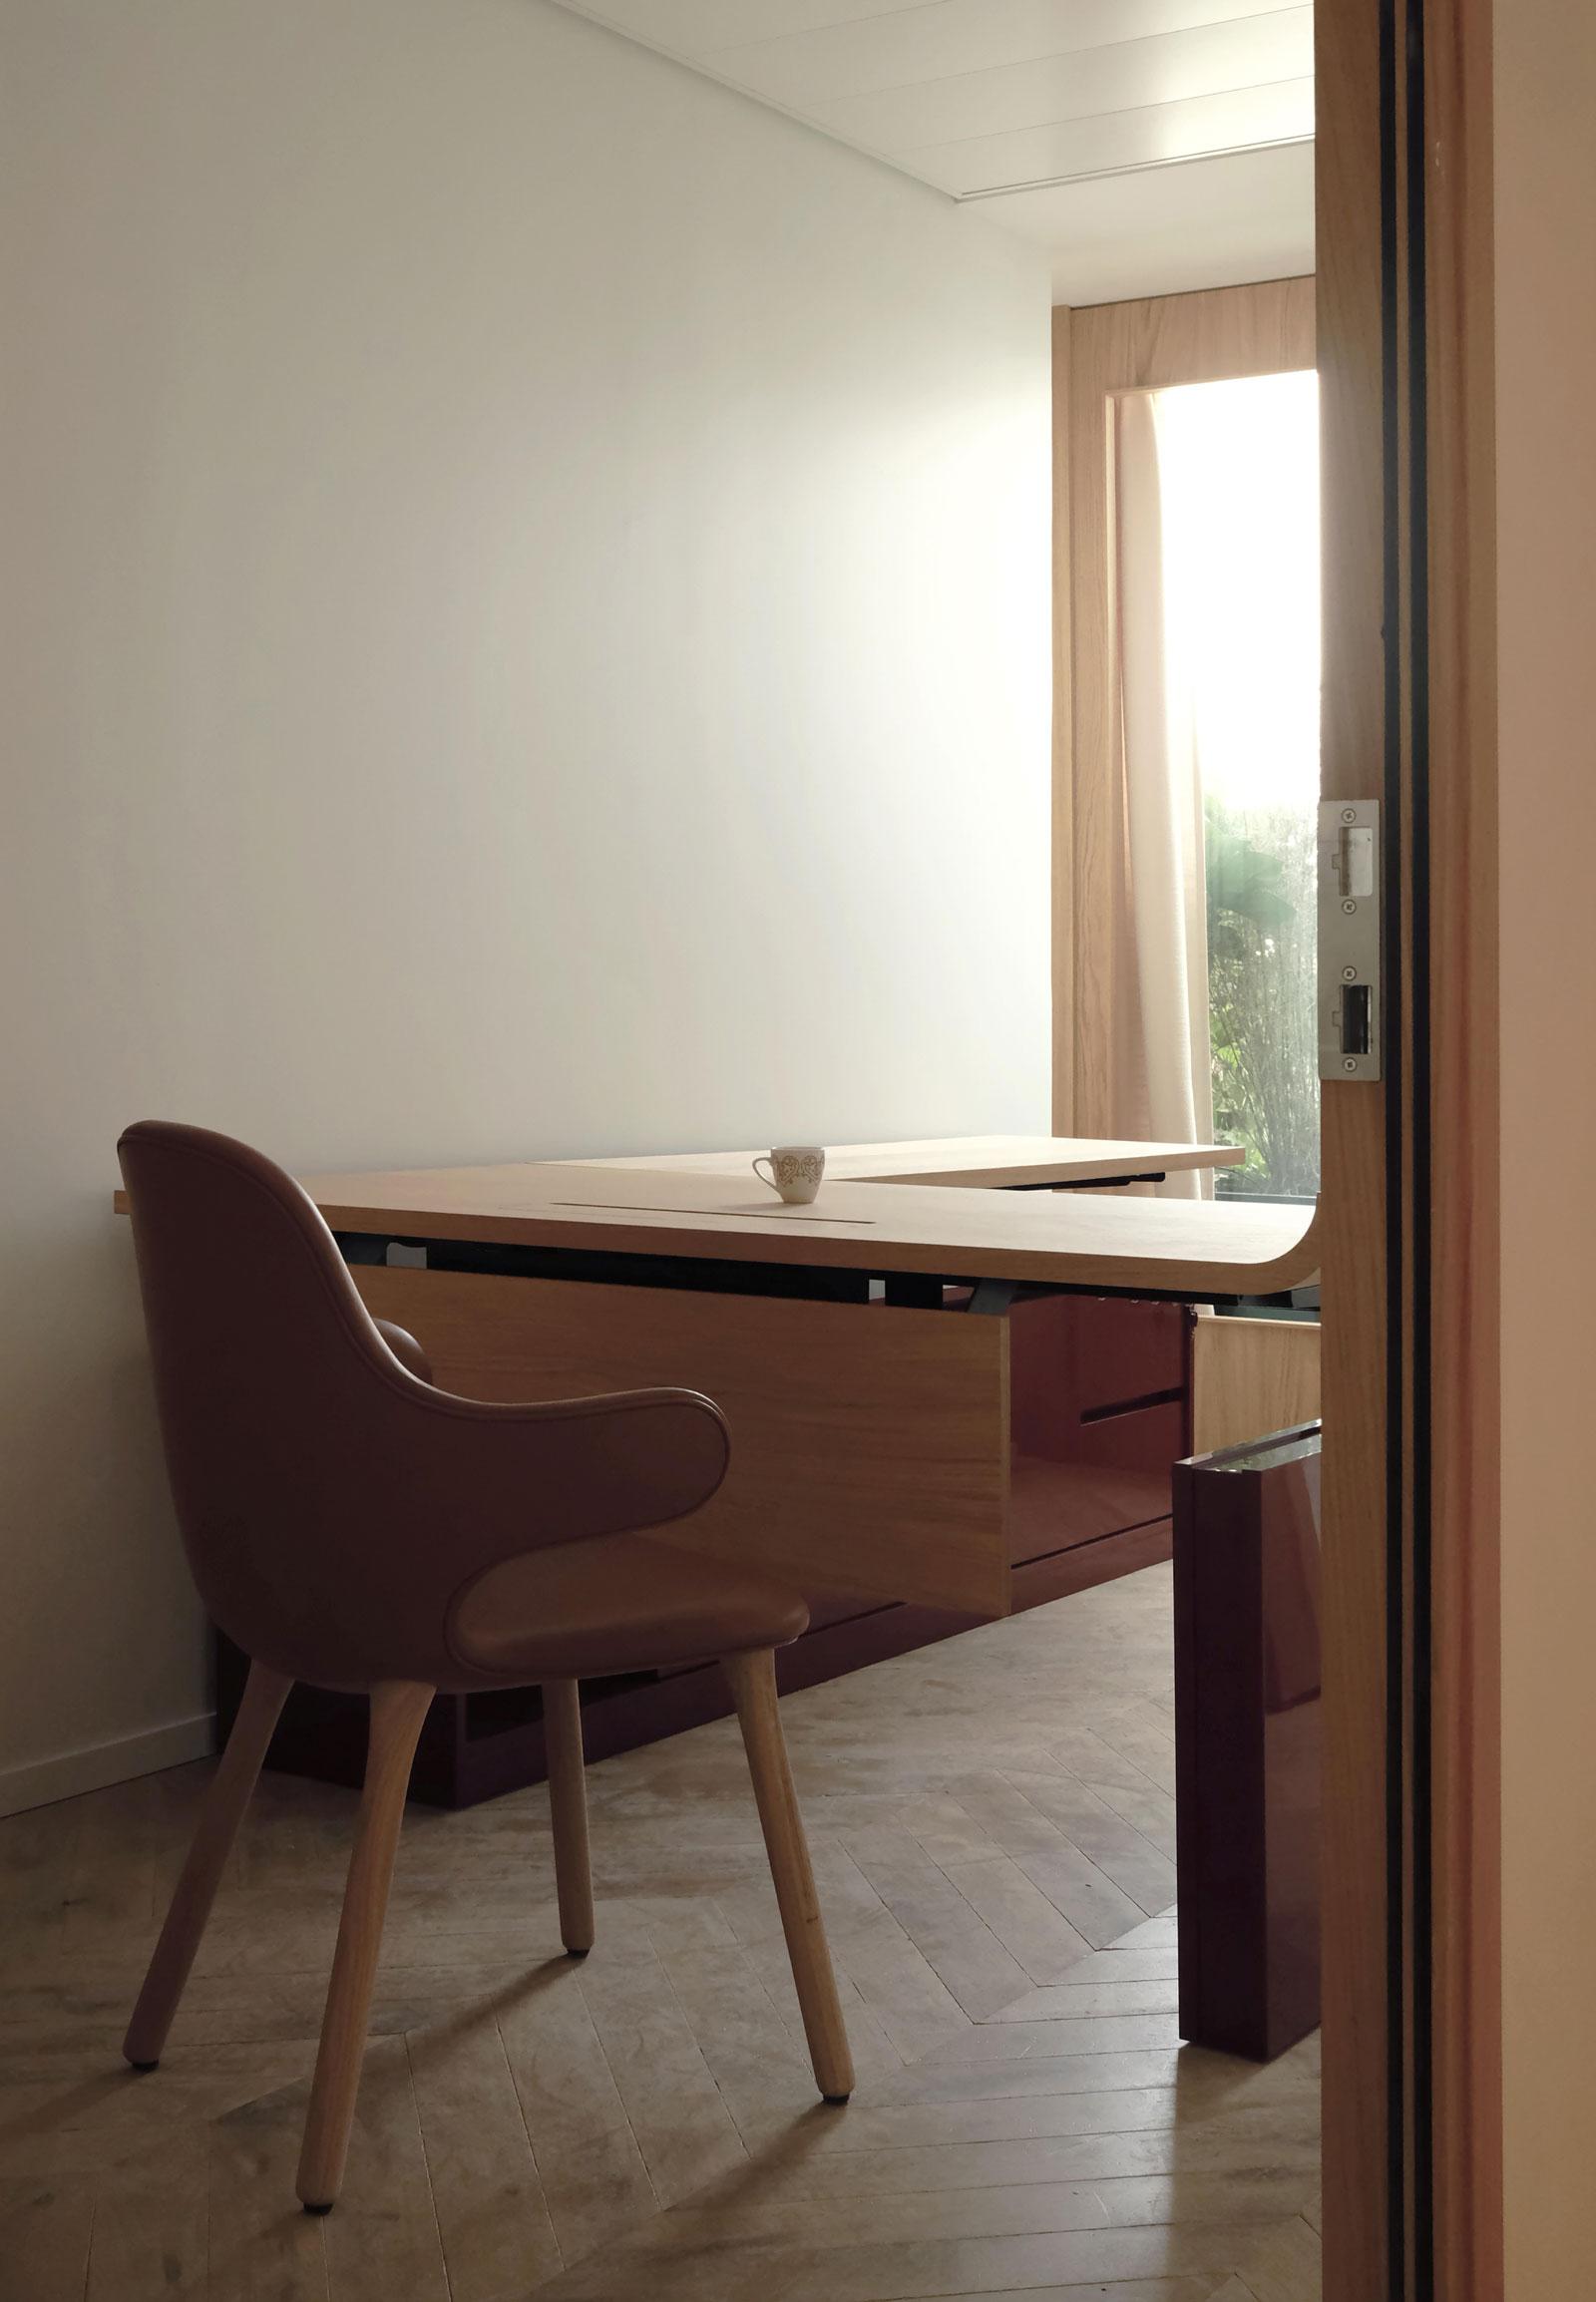 Hauvette Madani Matignon Office Accueil Photo Lucas Madani Yellowtrace 12